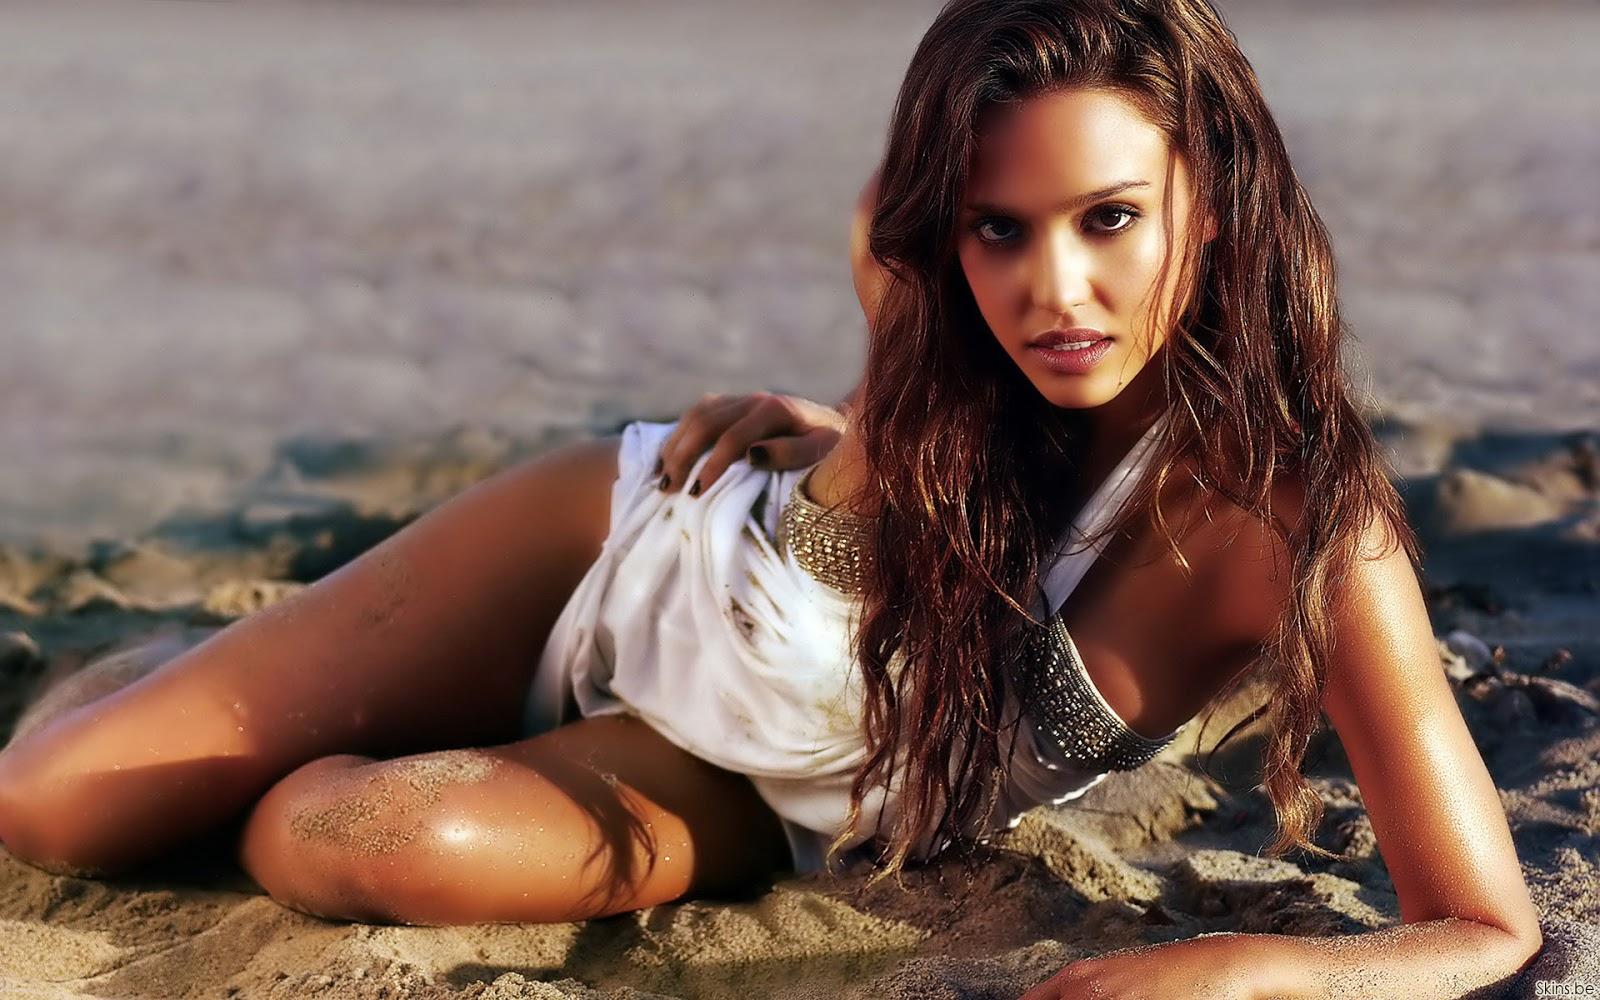 http://3.bp.blogspot.com/-5ckLDDmxEf8/TviJ1ZP6OII/AAAAAAAAFns/Ya9Z22AS1kQ/s1600/Jessica+Alba+hd+Hot+Wallpaper_2.jpg